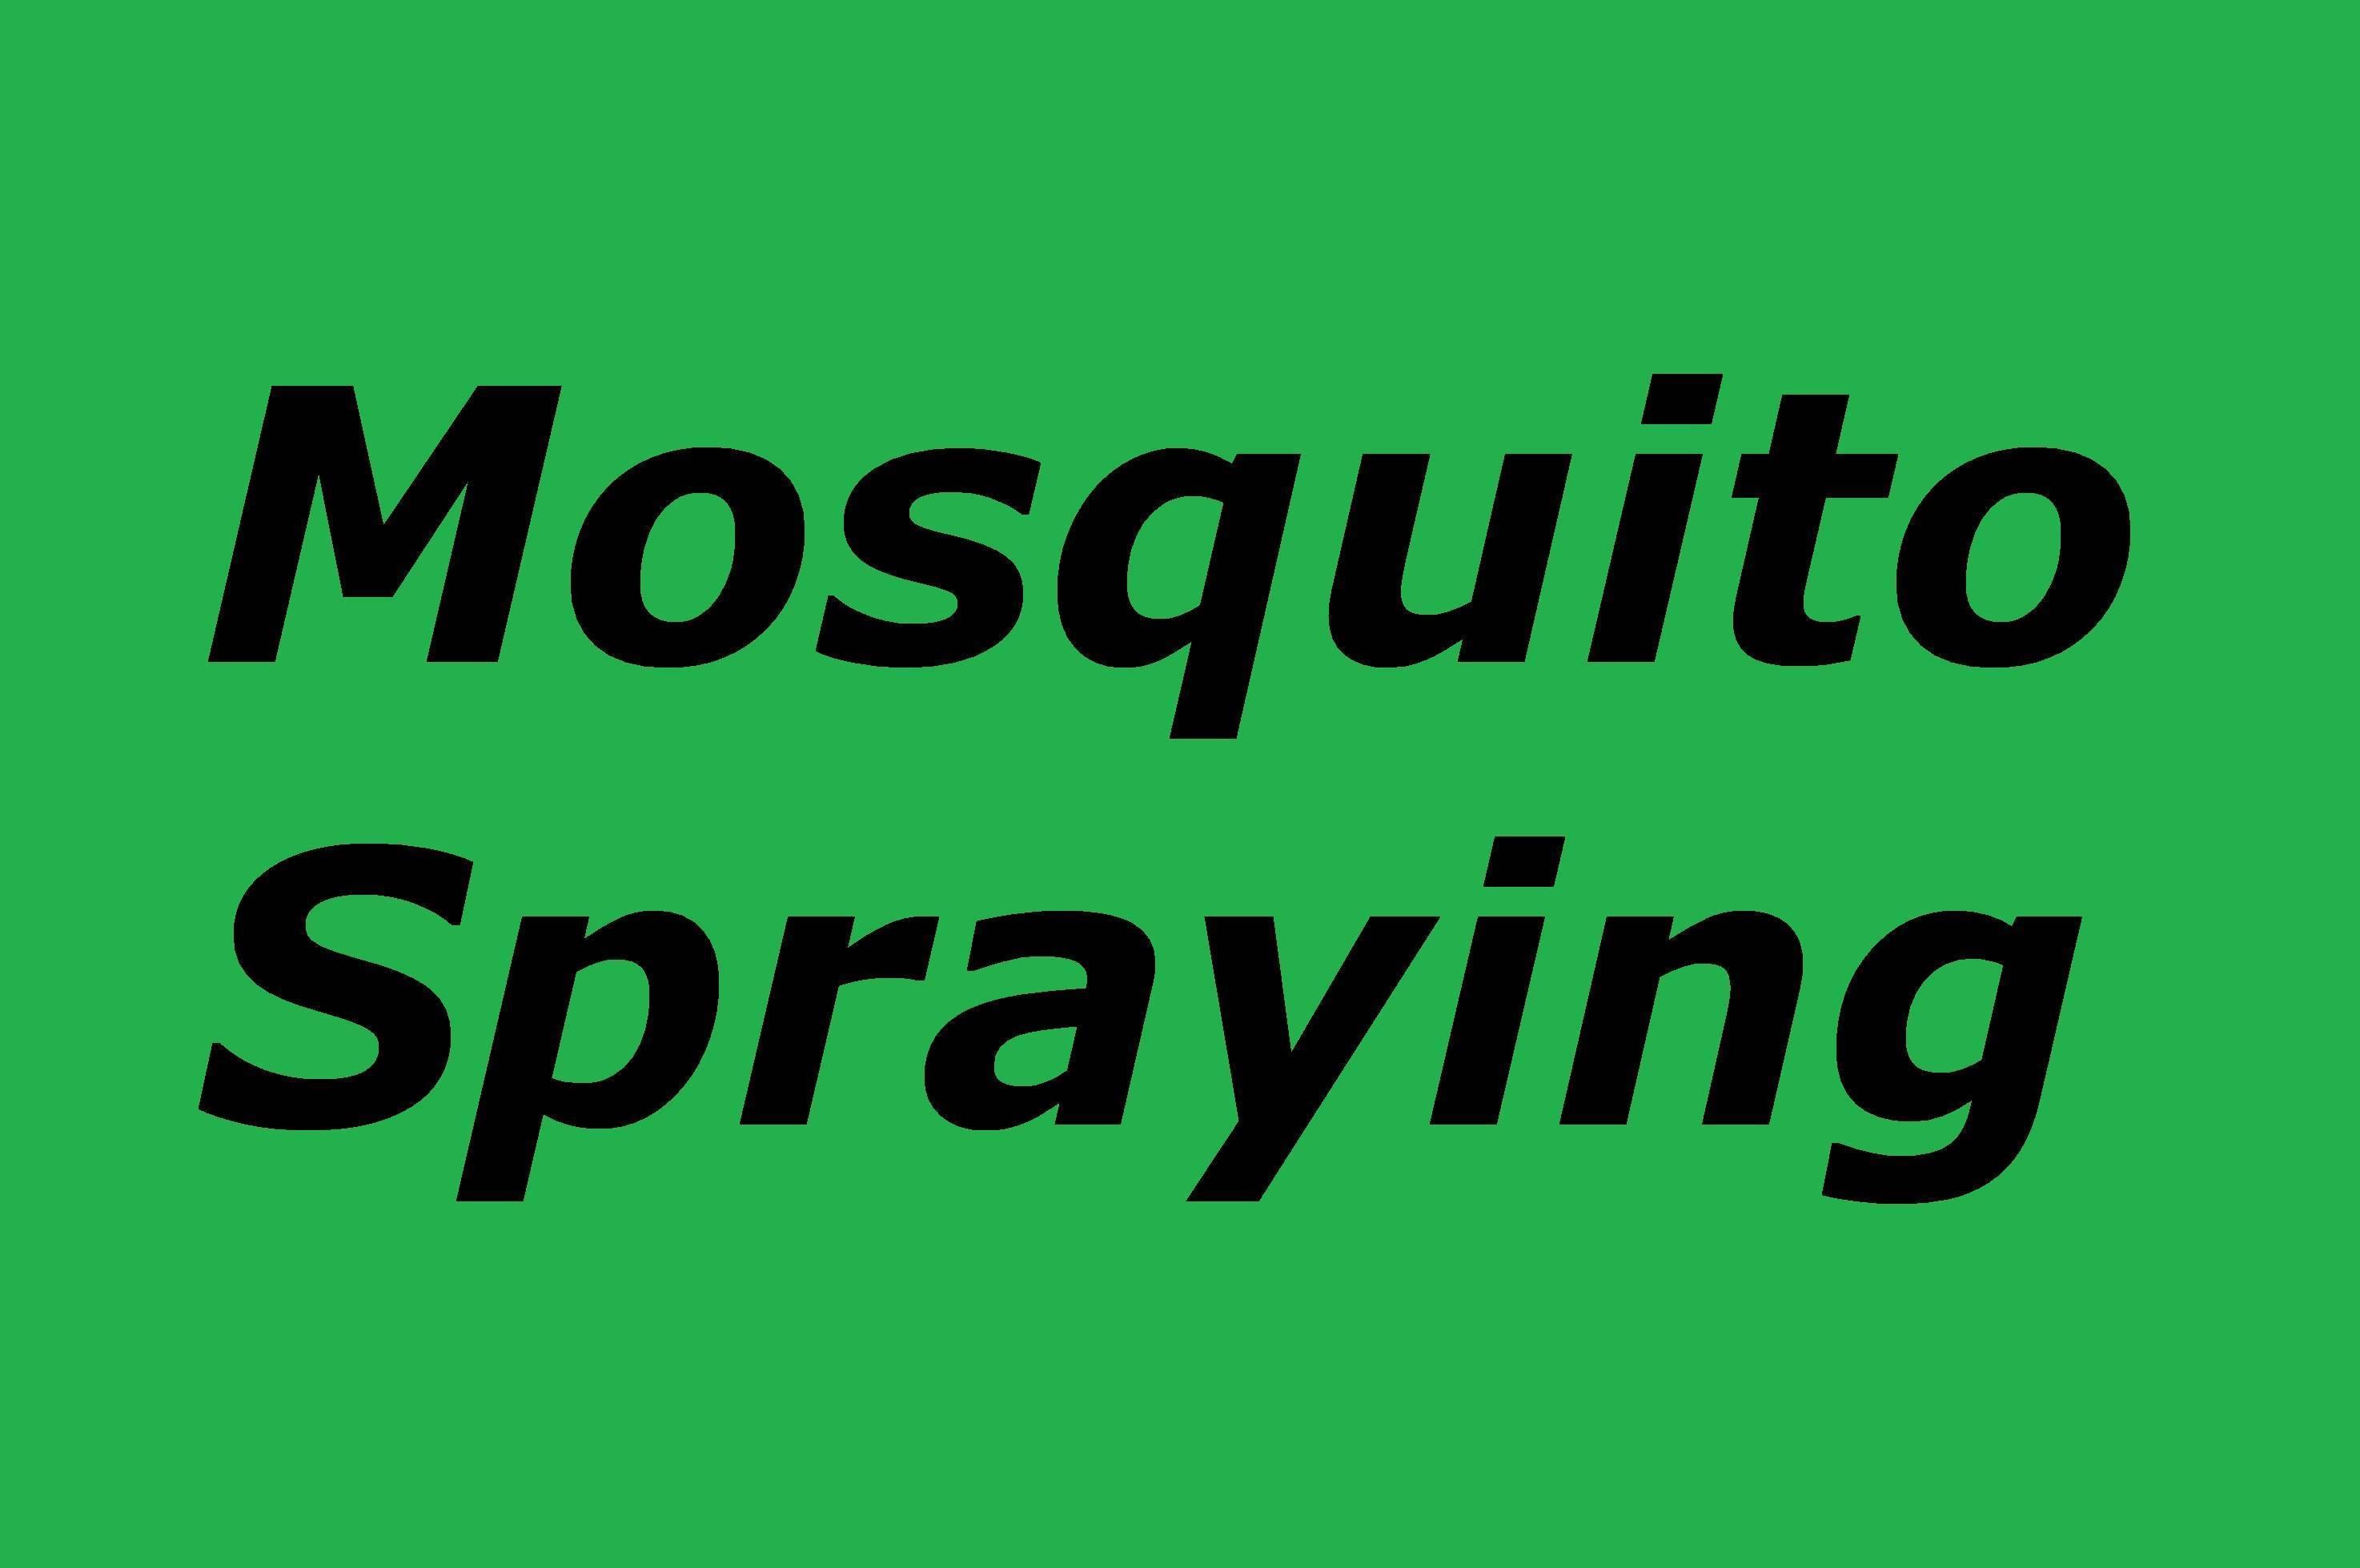 Mosquito spraying.jpg